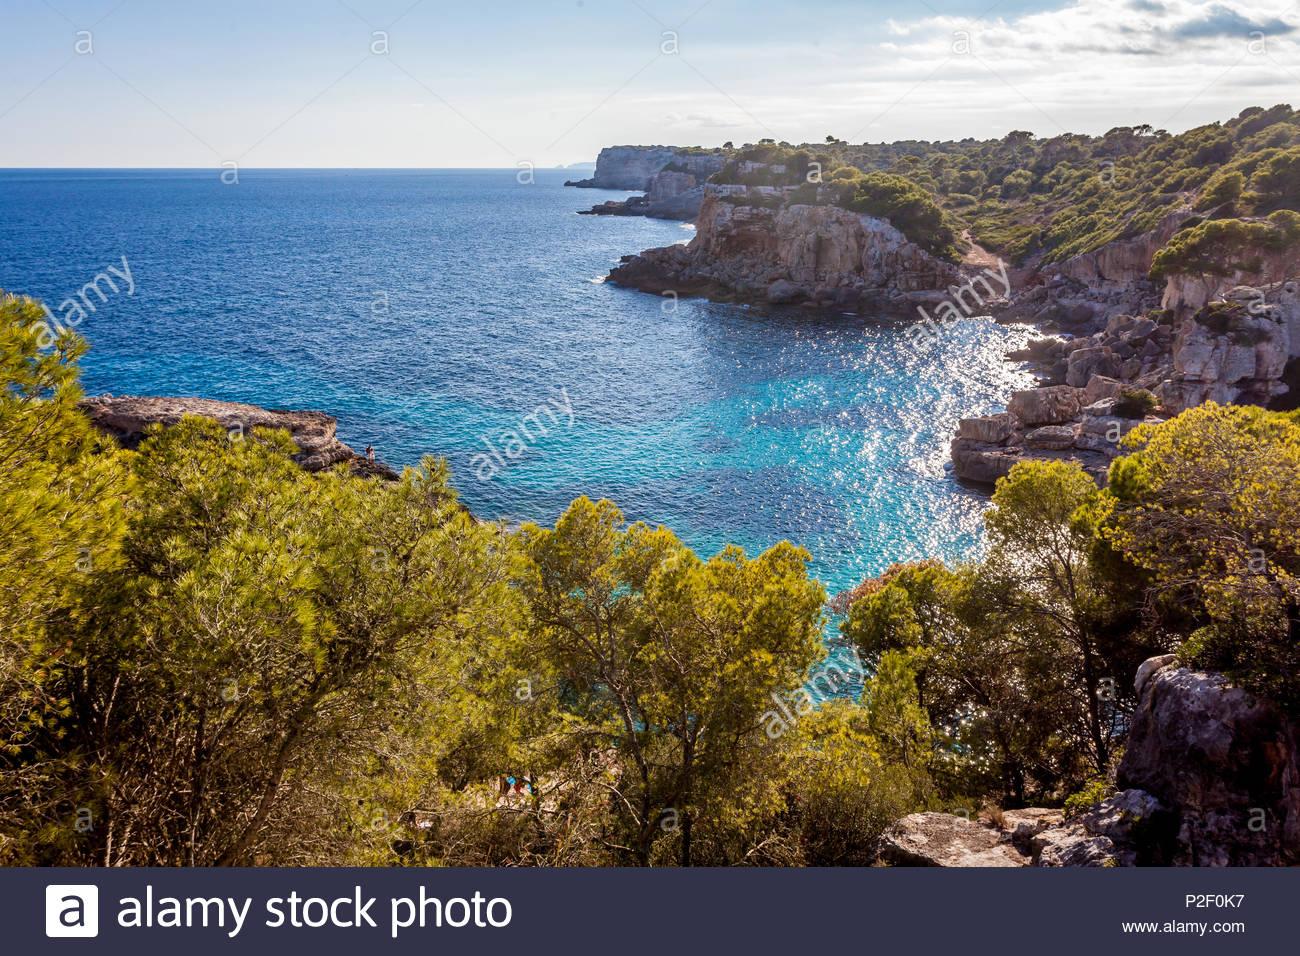 Idillischer Strand Cala S'Almunia, Mallorca, Balearische Inseln, Spanien ** idyllischen Strand von Cala S'Almunia, Mallorca, Balearen, Spanien Stockbild